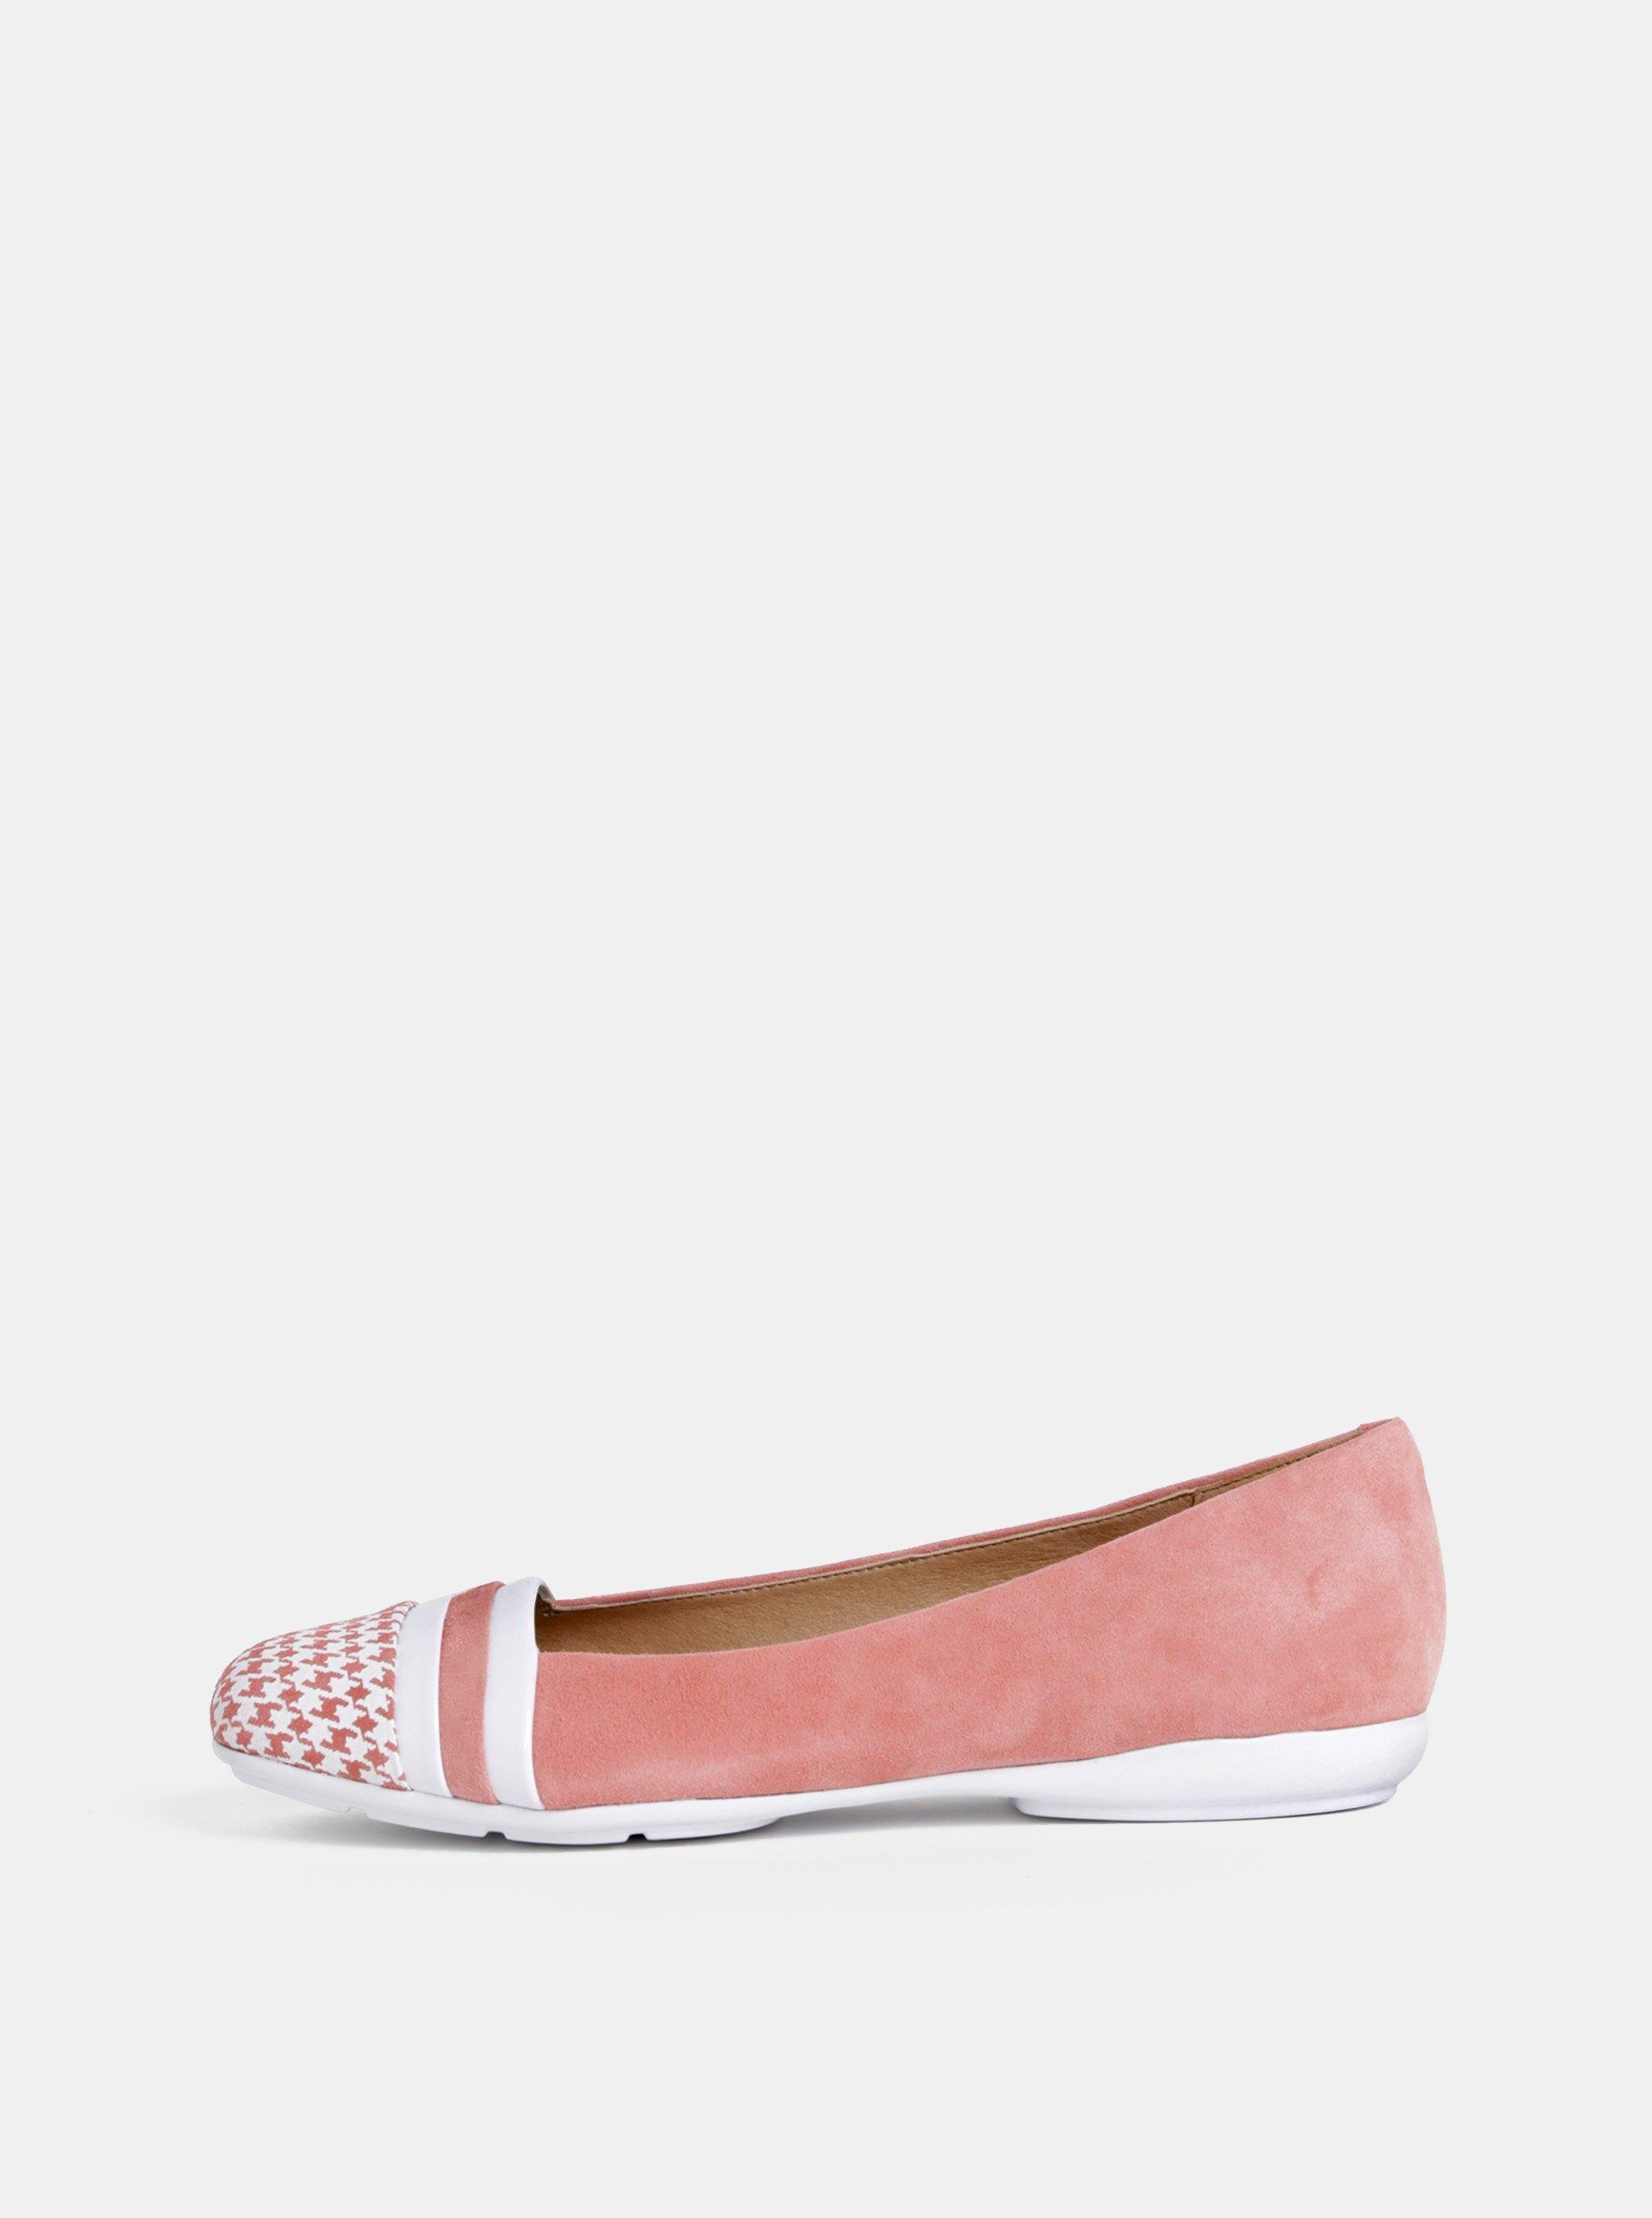 72f60528912c0 Růžové semišové baleríny Geox Annytah